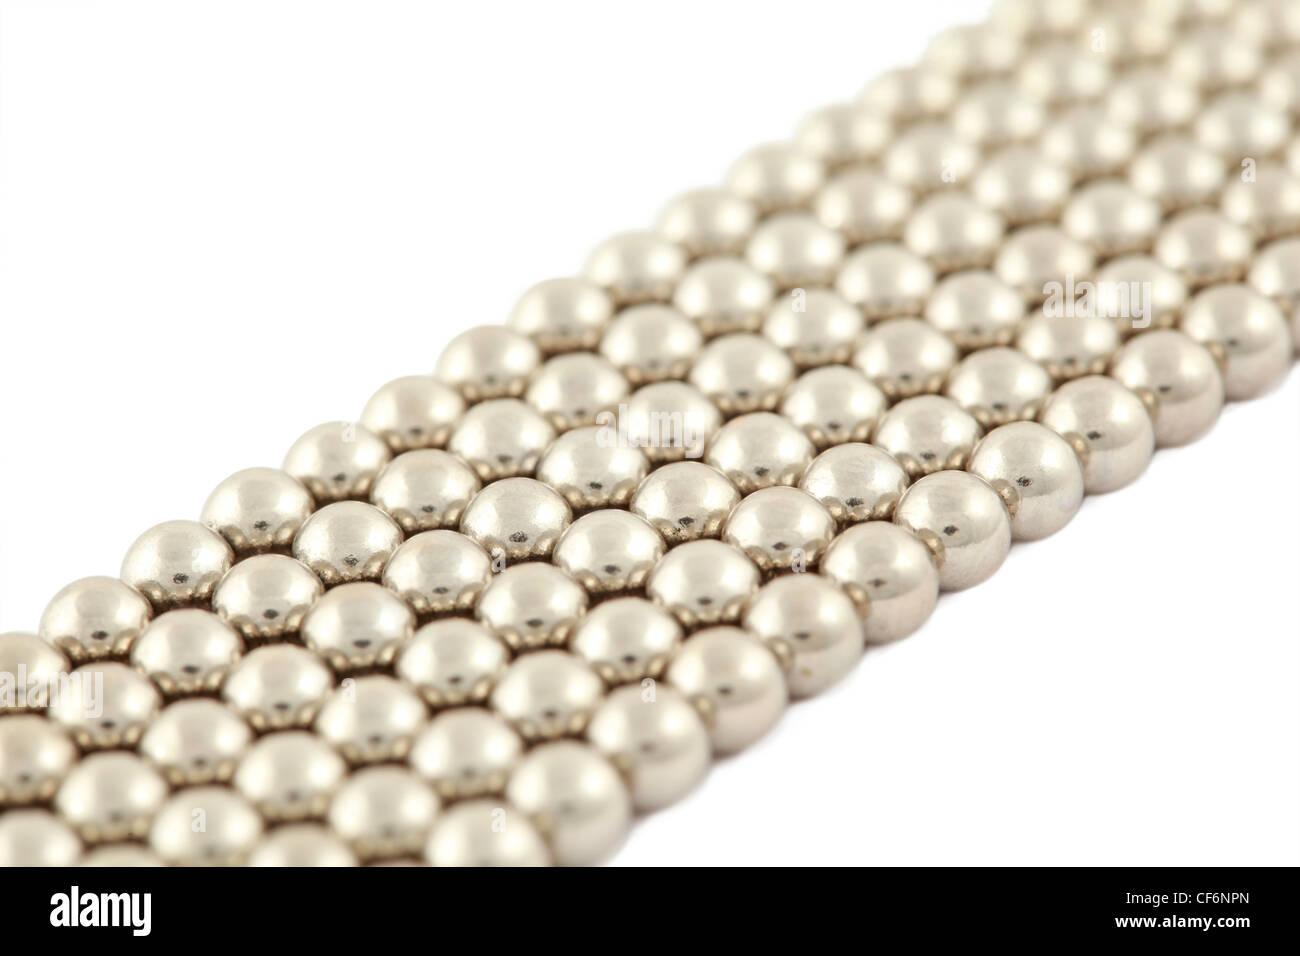 Bar che risiede la polarizzazione costituiti da perle argenteo su sfondo bianco Foto Stock